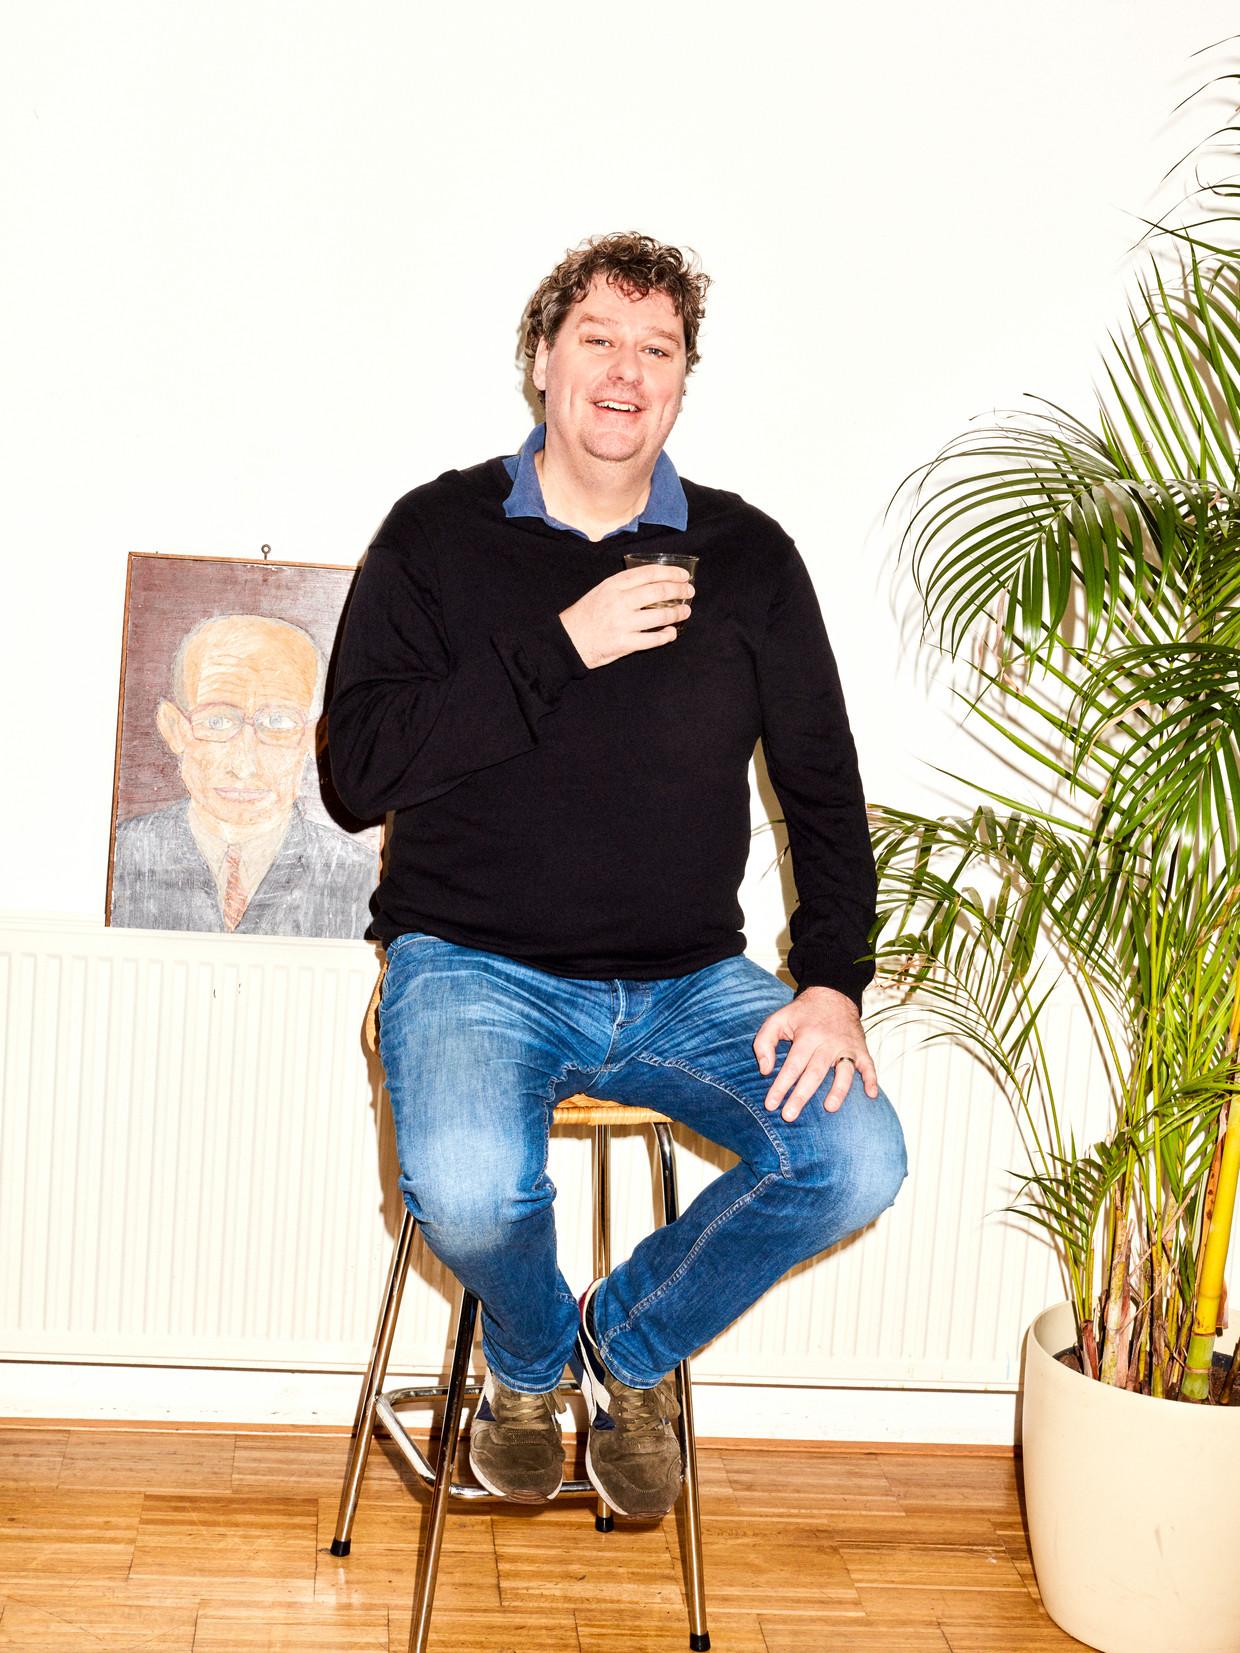 Diederik Ebbinge: 'Ik heb voor mezelf besloten er na de tweede serie mee op te houden.' Beeld Valentina Vos